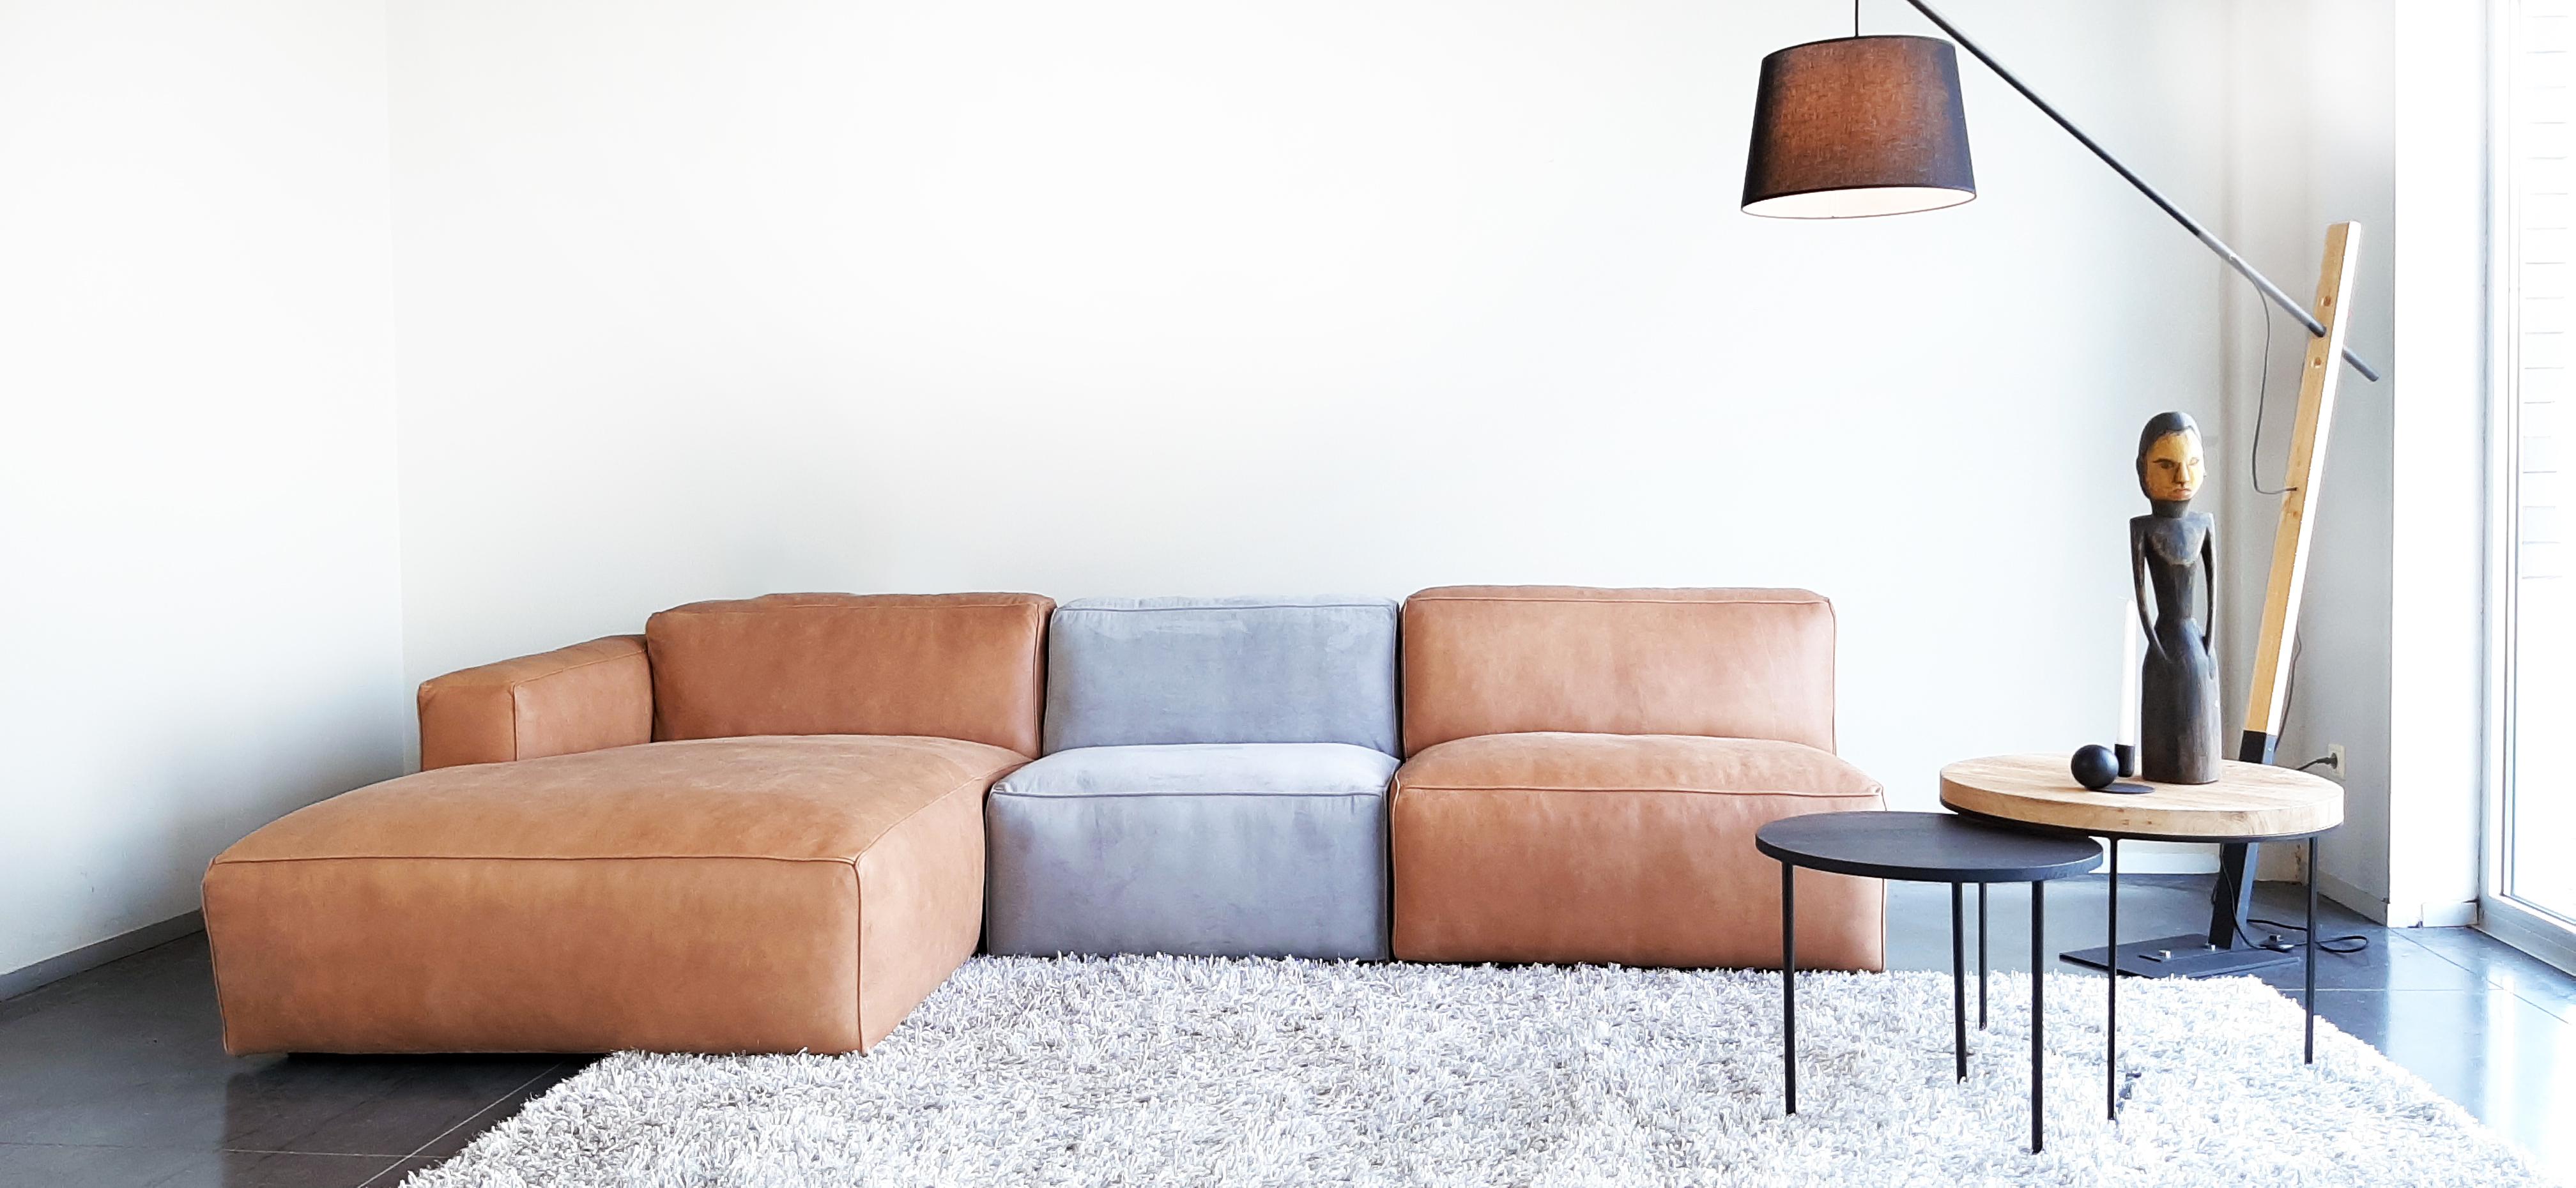 Design Fauteuil Wit Leer.Design Zetels Havana Sofa Design Zetel Van Nu Belgisch En